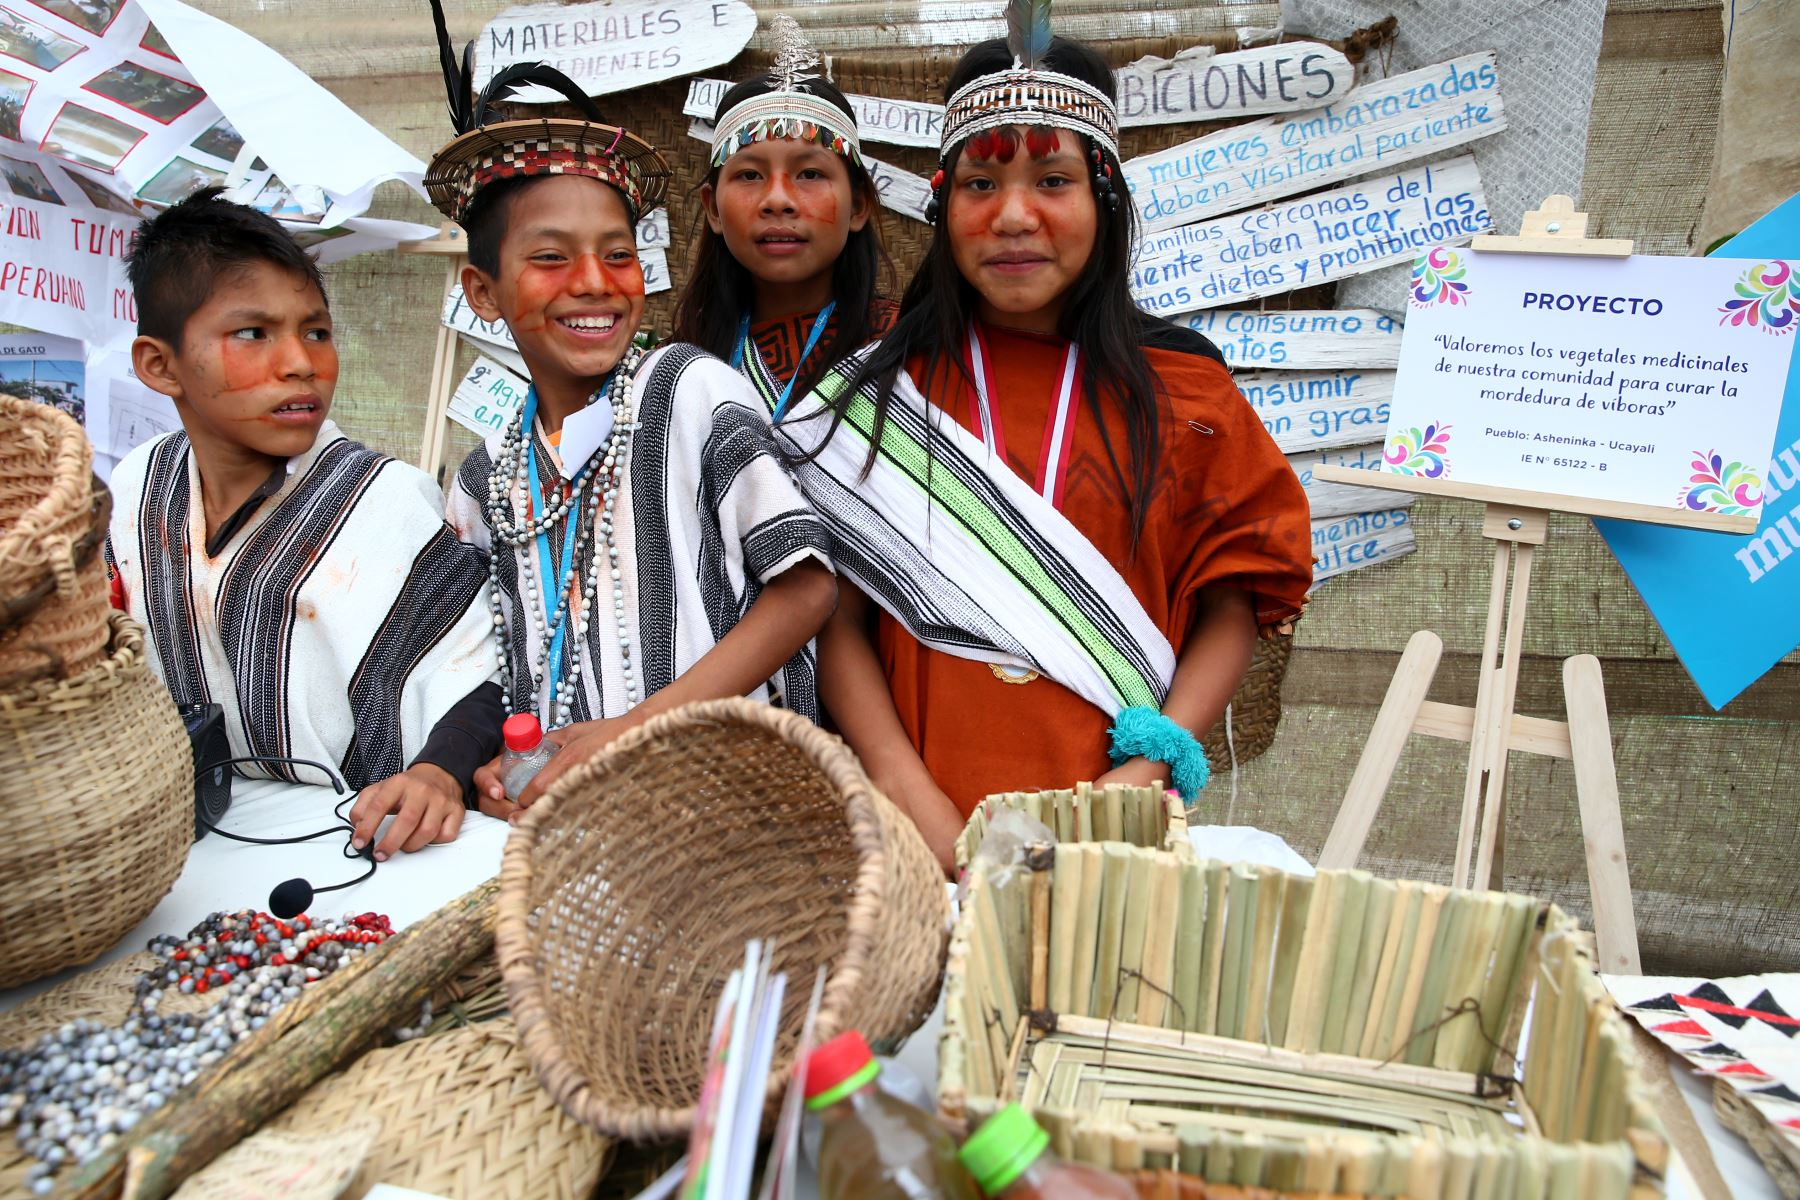 Niños de pueblos originarios muestran los saberes ancestrales de sus comunidades en la Feria Tinkuy 2019.  Foto: ANDINA/Melina Mejía